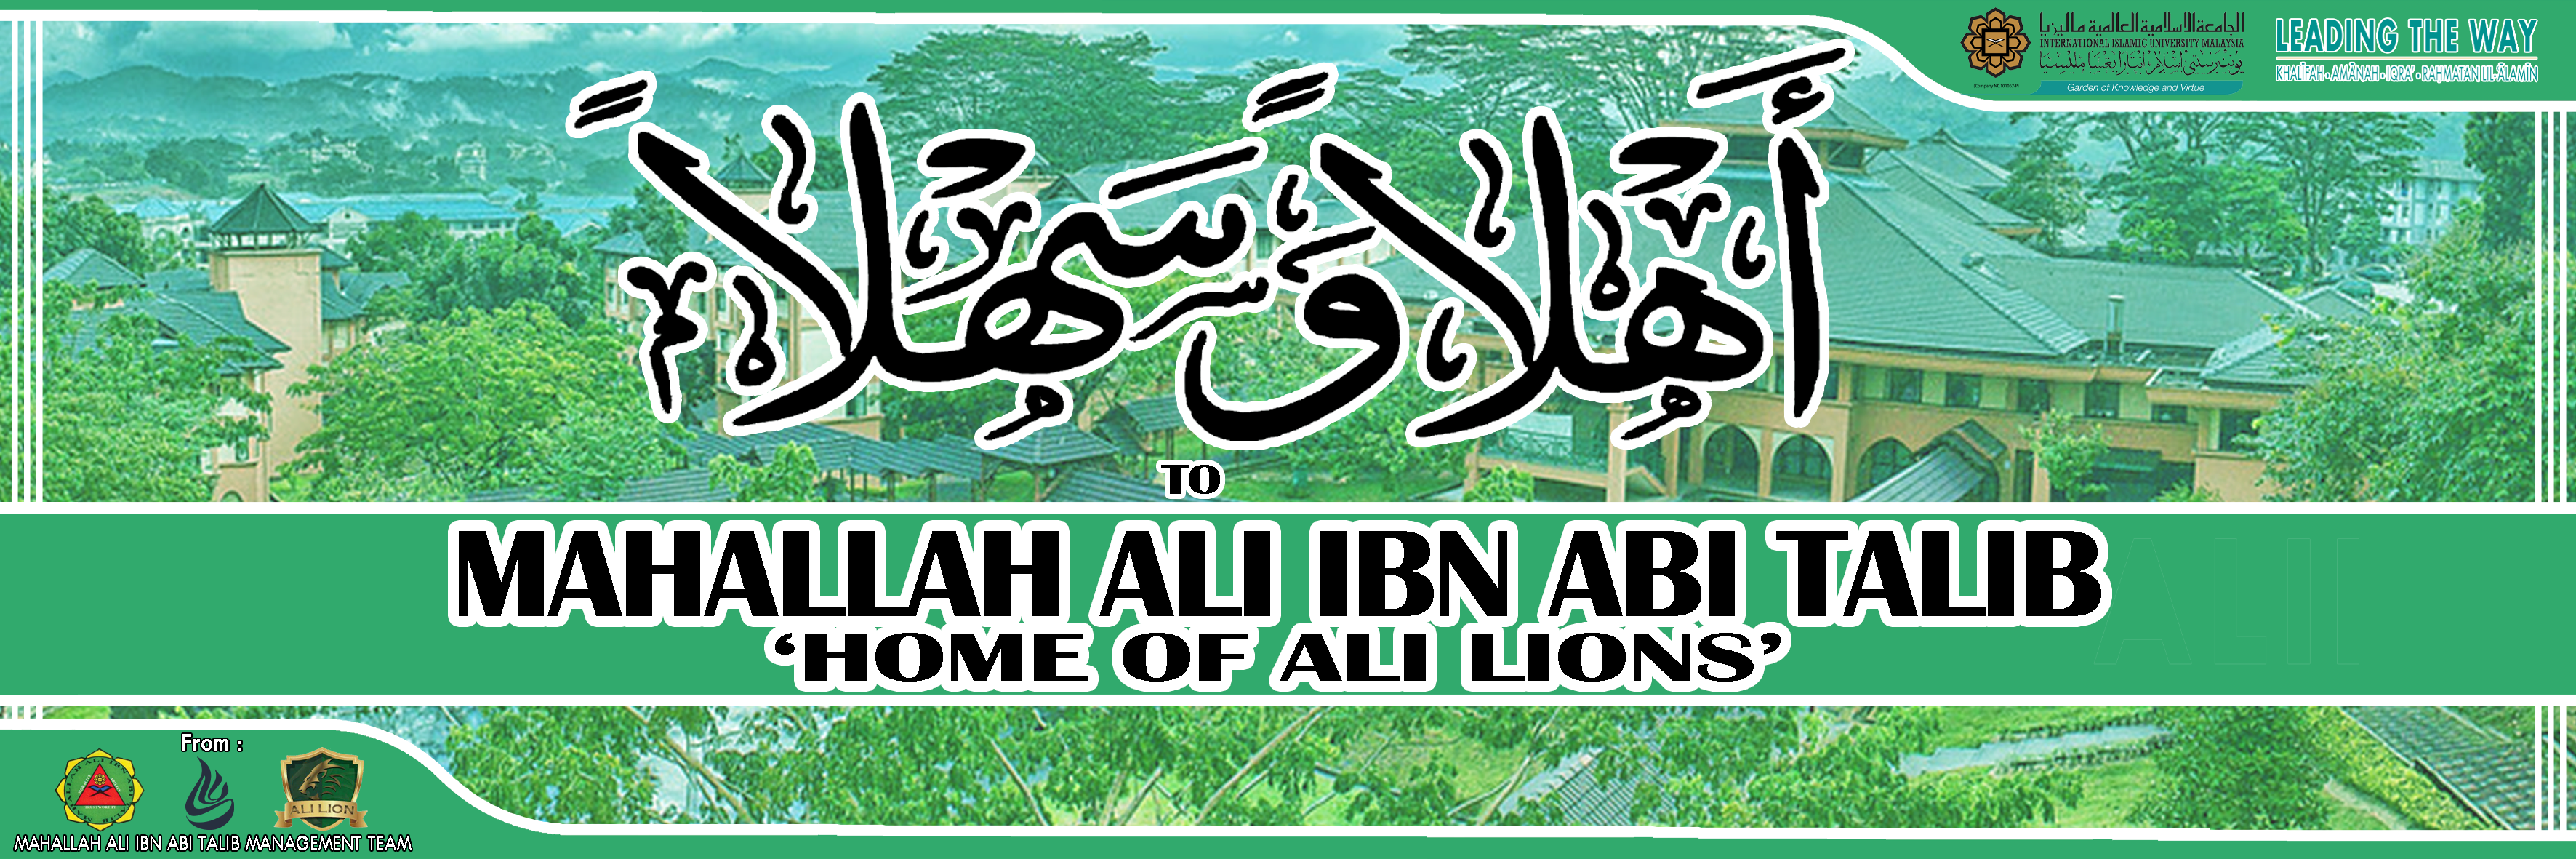 MAHALLAH ALI IBN ABU TALIB(COLLEGE)